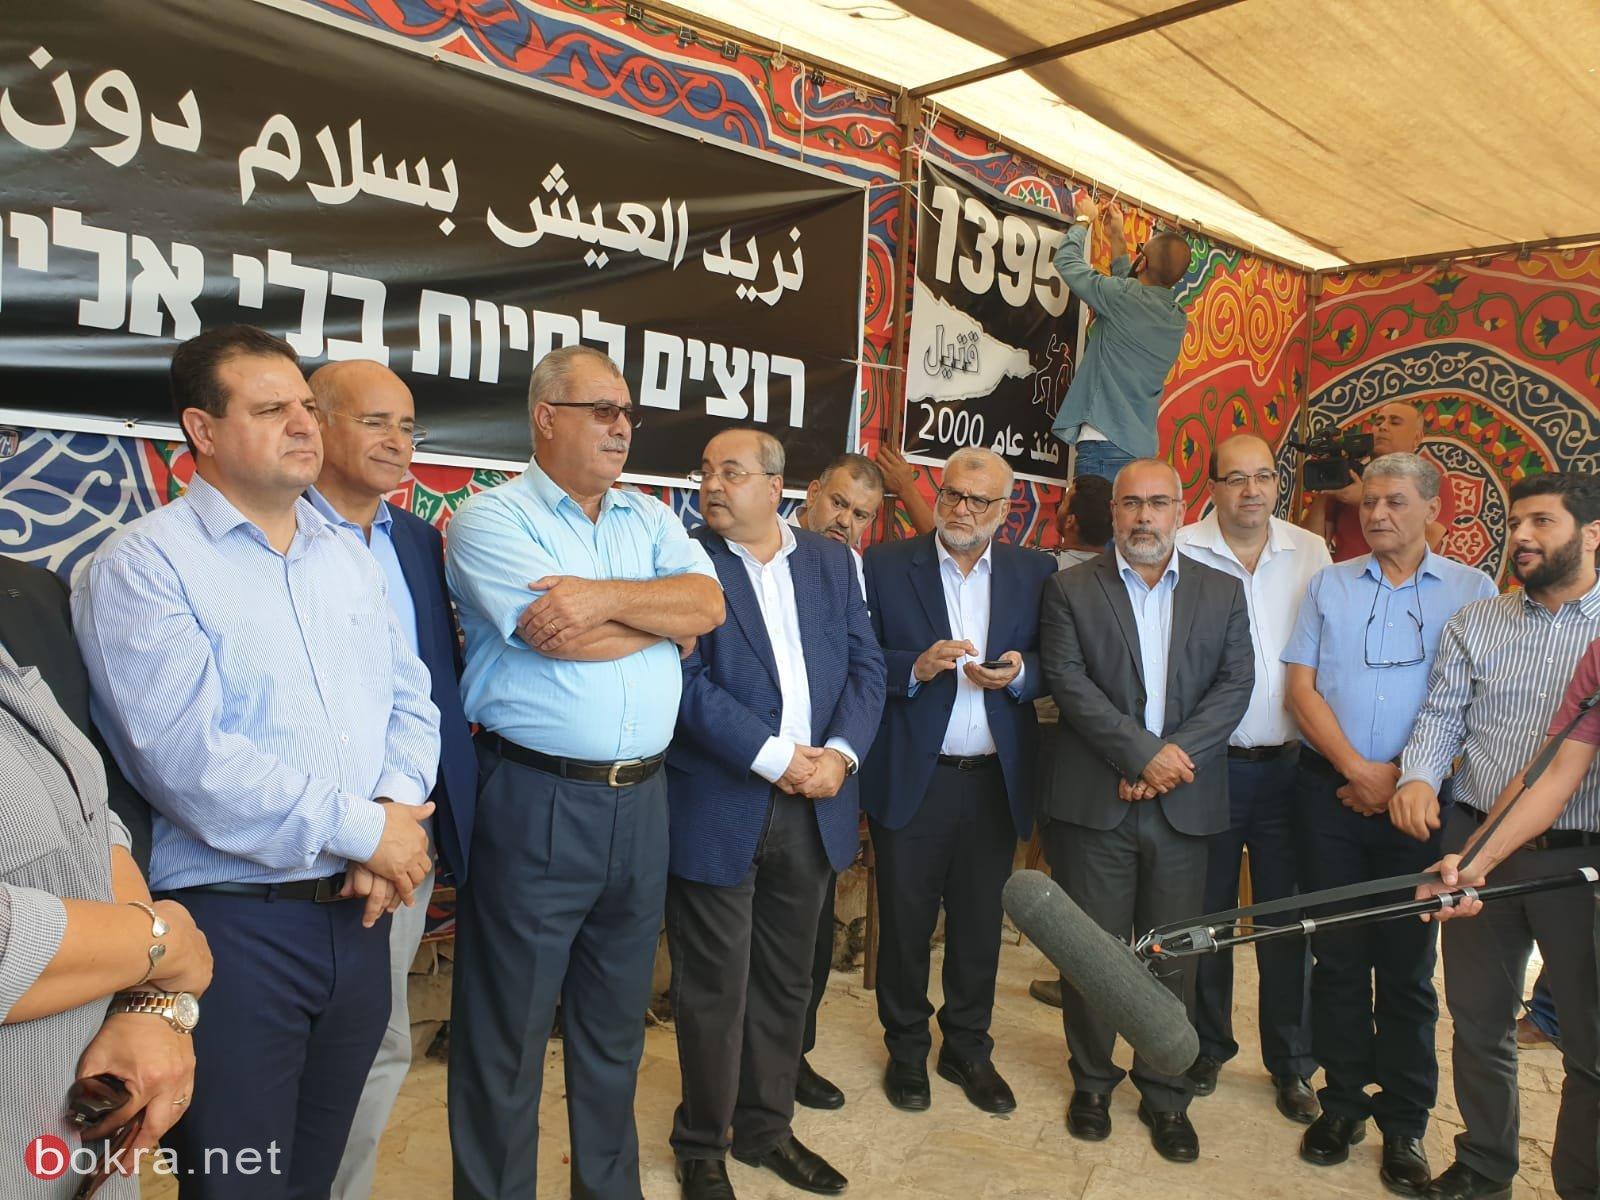 المتابعة: نجاح باهر لخيمة الاحتجاج في القدس وفرضت نفسها على الرأي العام